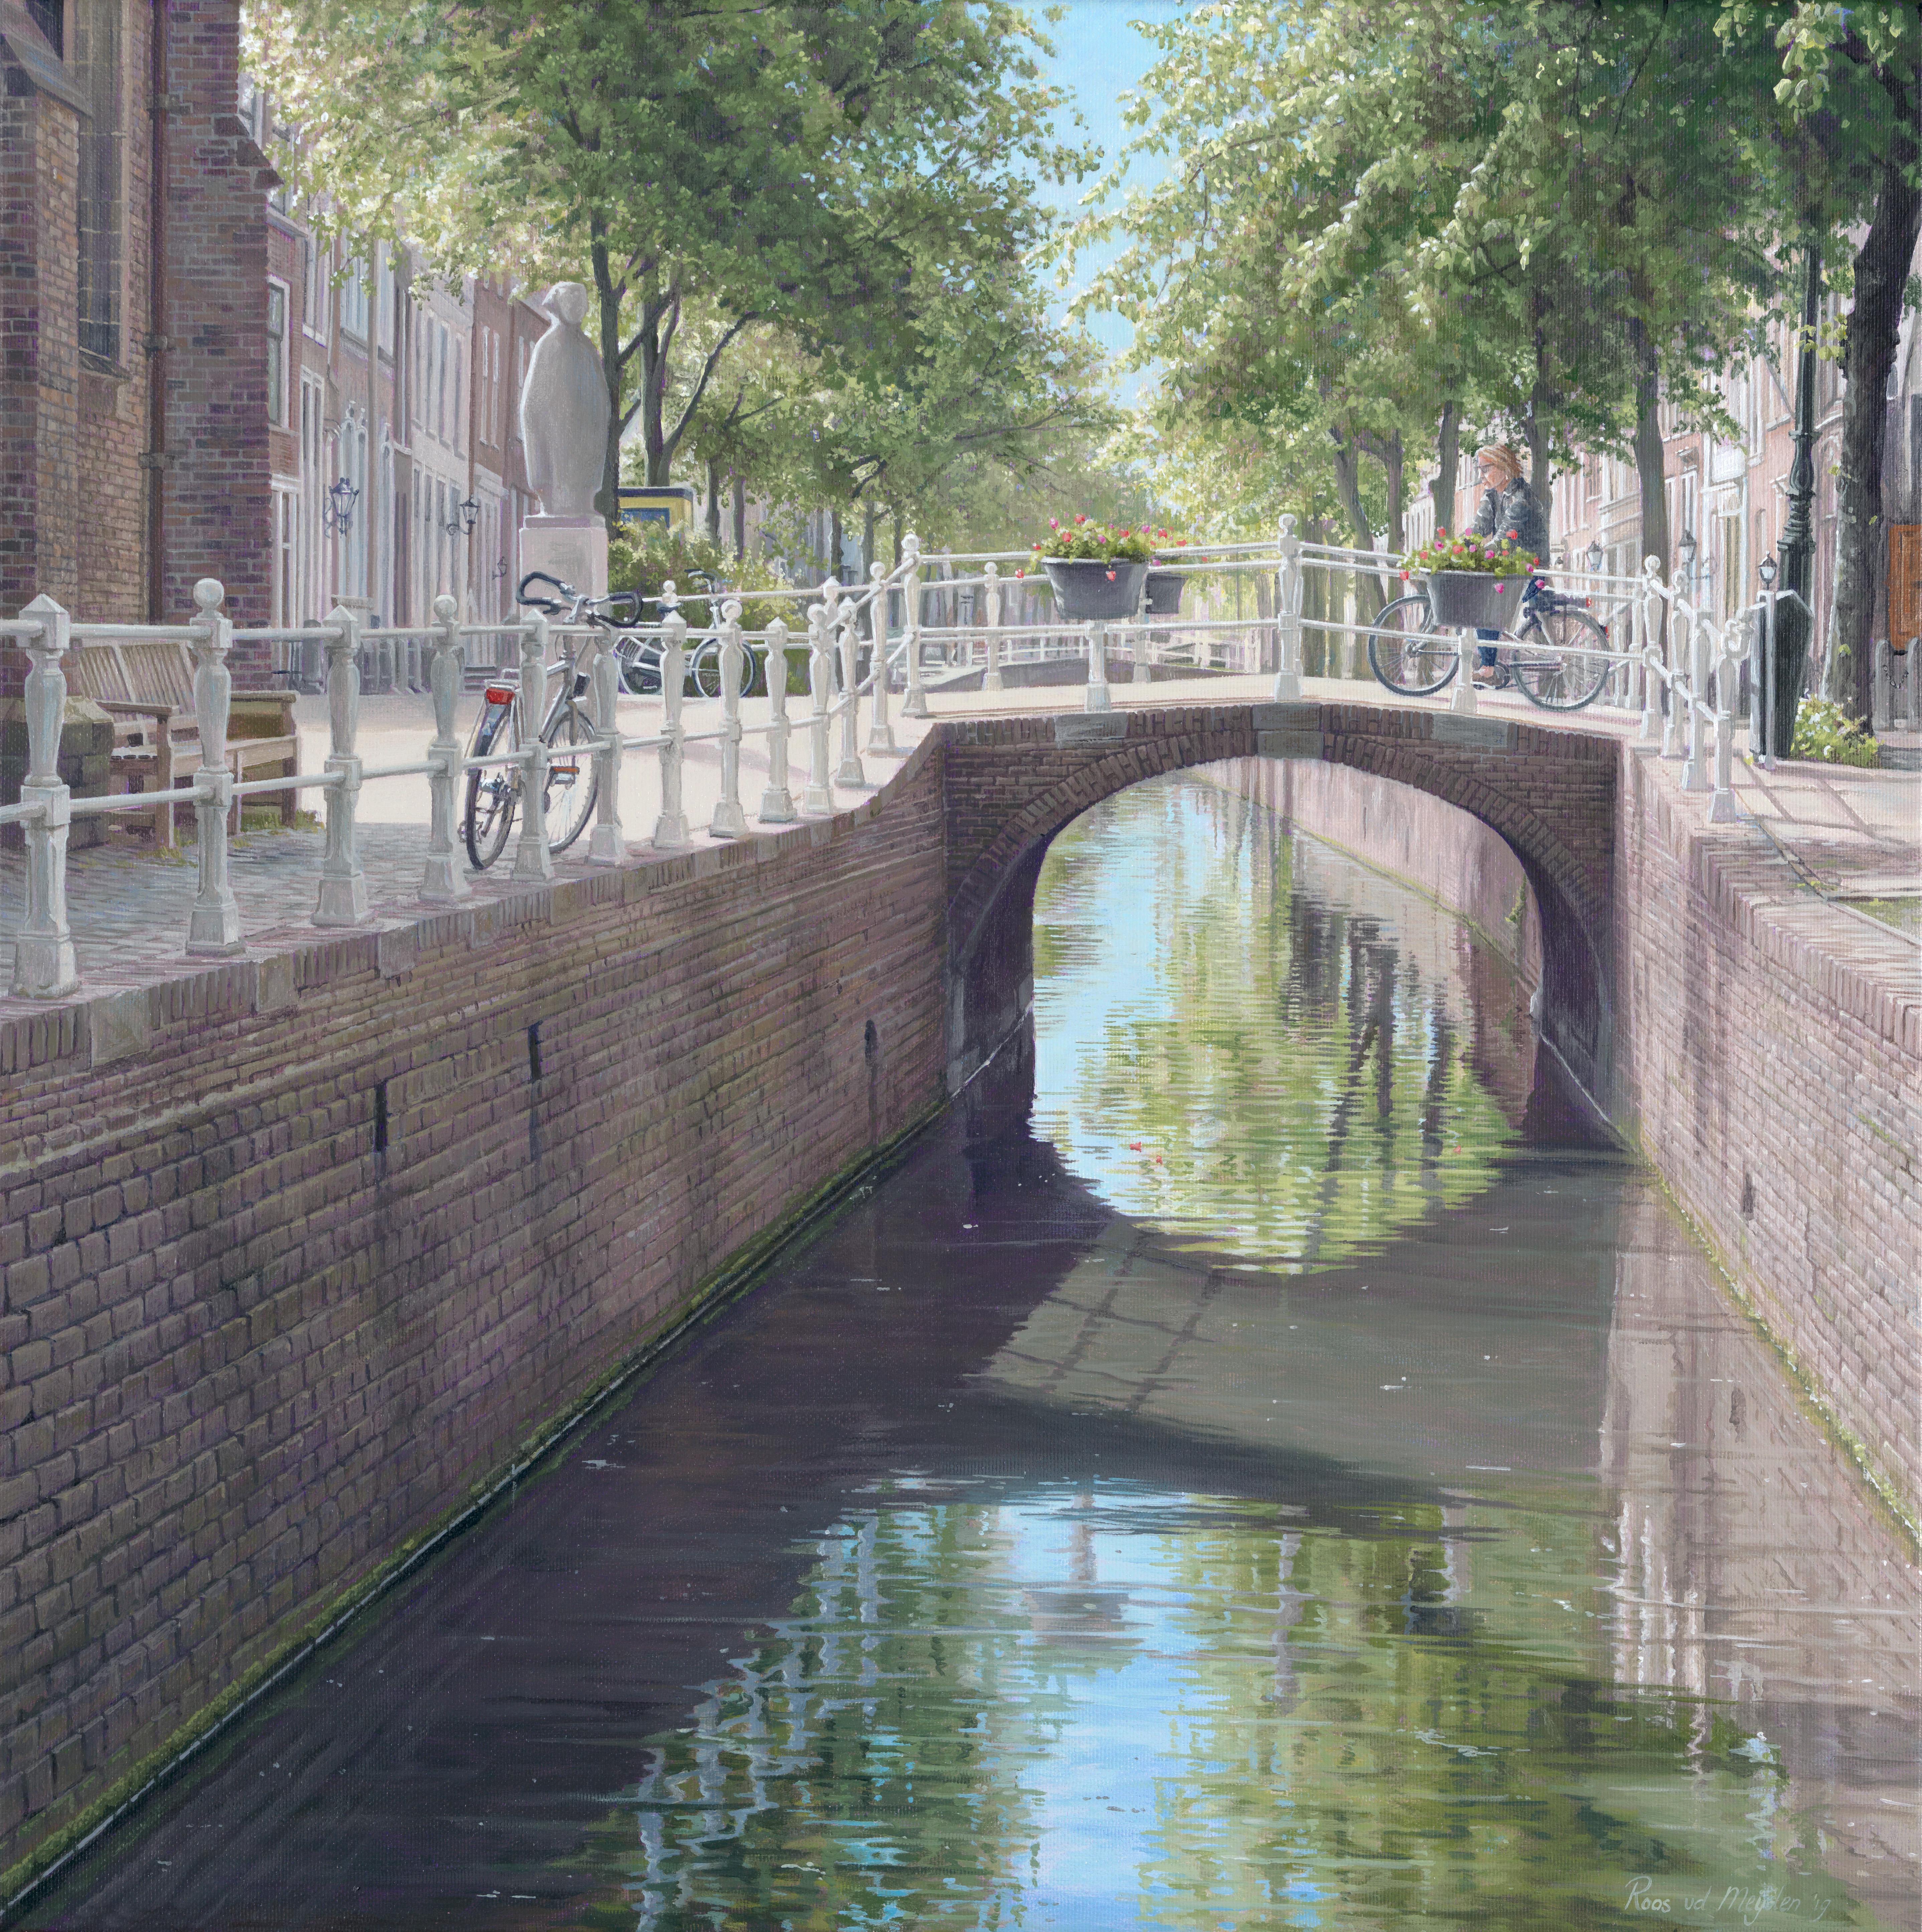 Oude Delft I © Roos van der Meijden